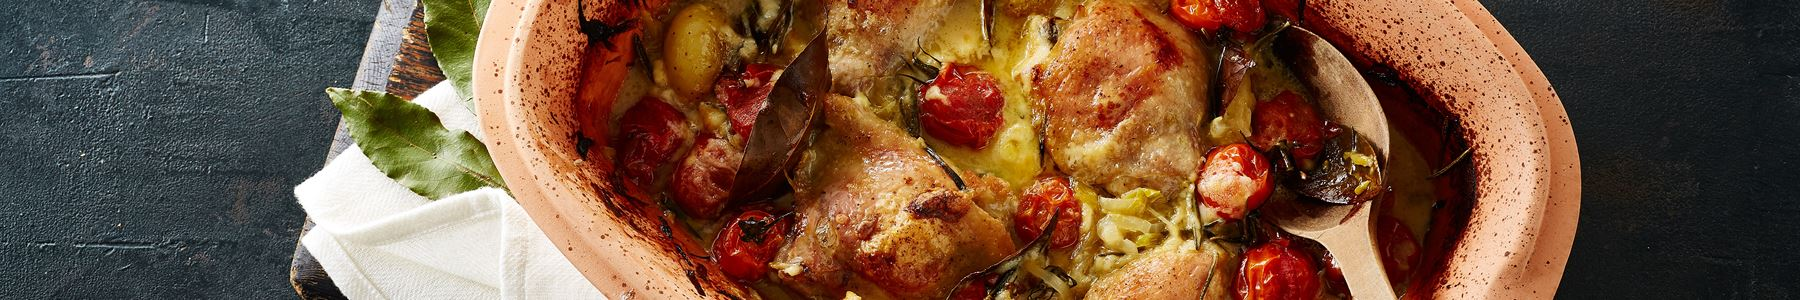 Tomat + Spidskål